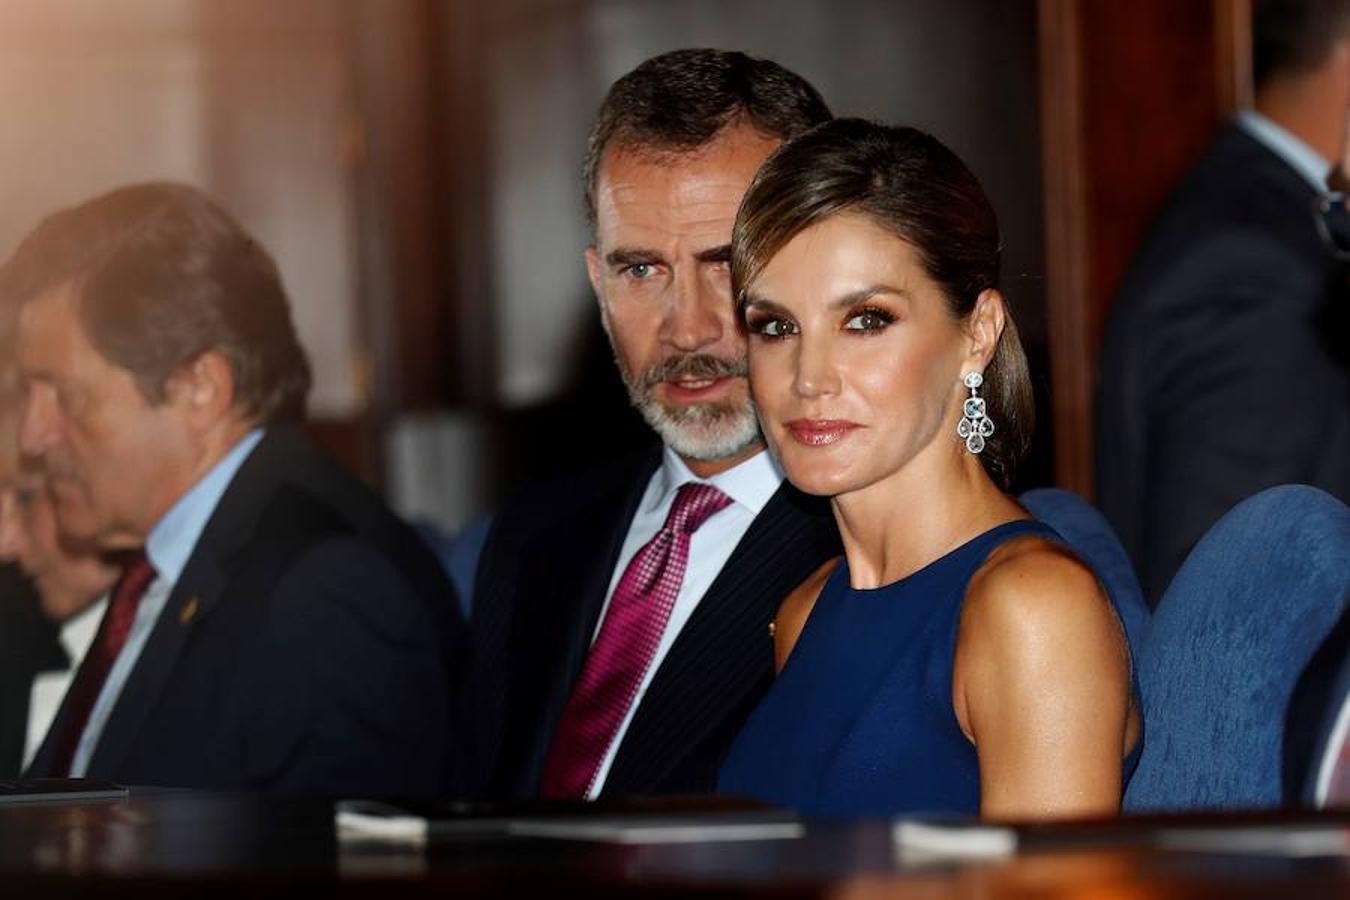 Los Reyes han llegado en la tarde de este jueves a un Oviedo con los balcones salpicados de banderas españolas para entregar mañana los premios Princesa de Asturias en unas circunstancias muy especiales, tras el golpe de Estado separatista